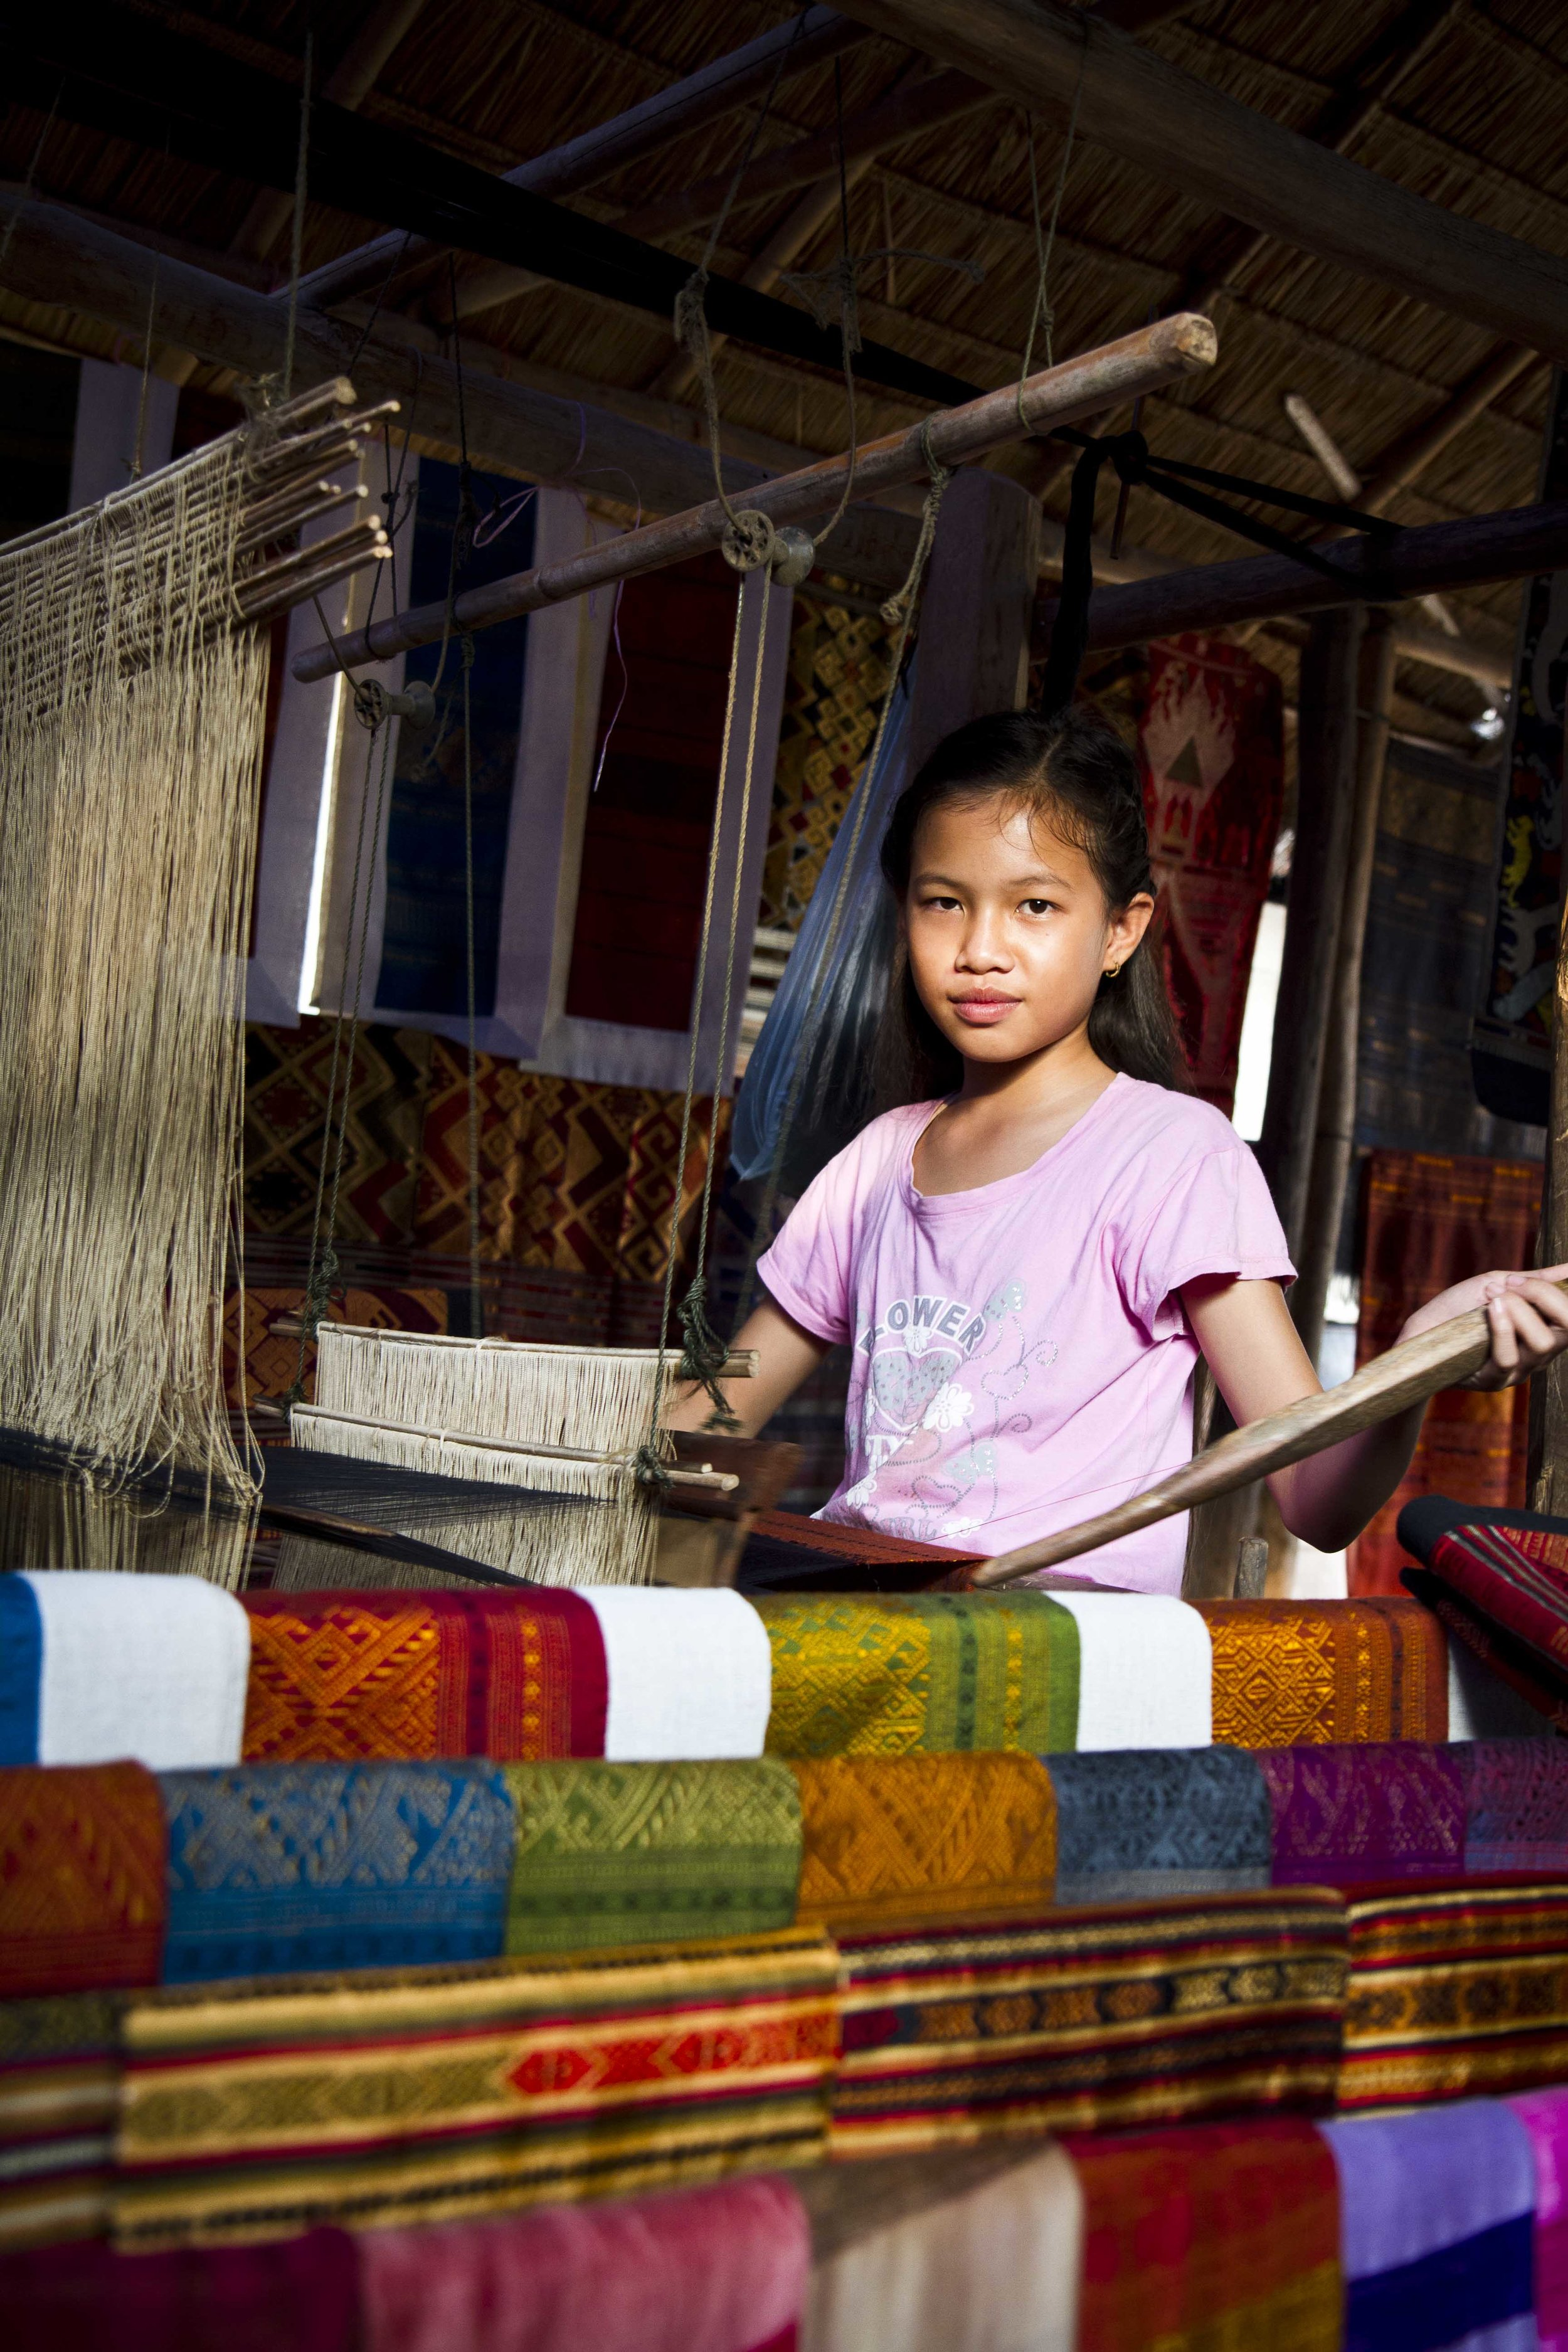 Laos-7859.jpg